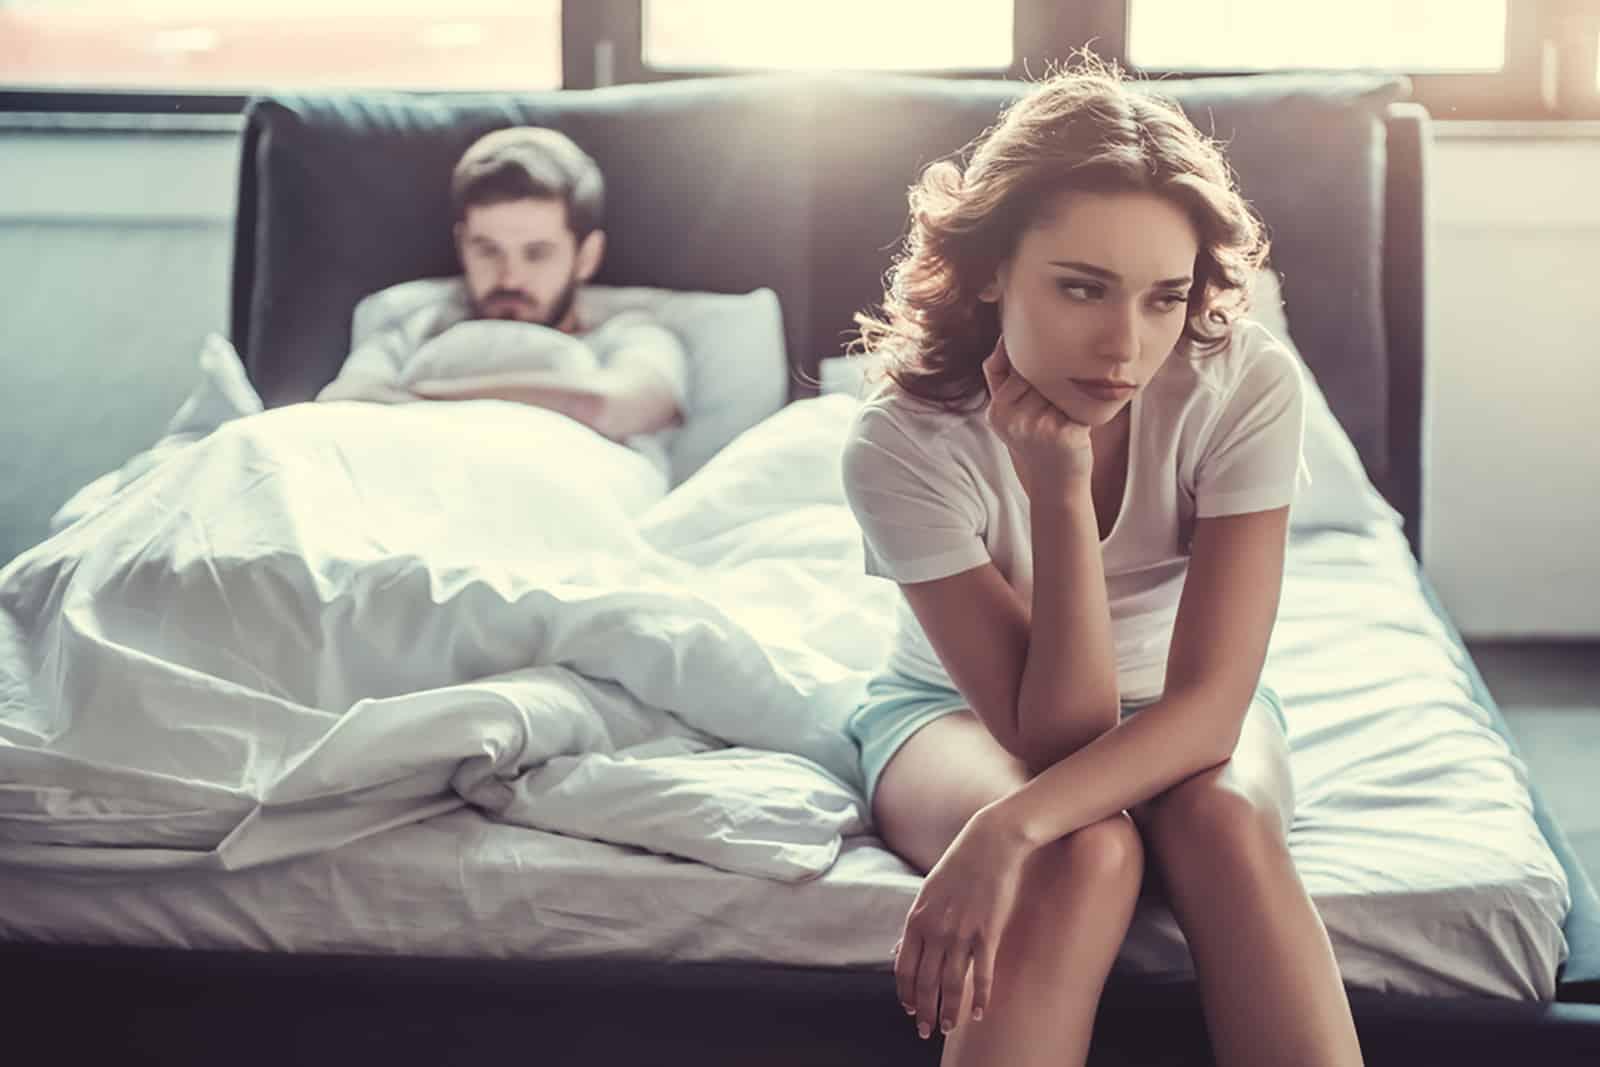 eine traurige Frau, die auf der Bettkante sitzt, während ein Mann hinter ihr liegt